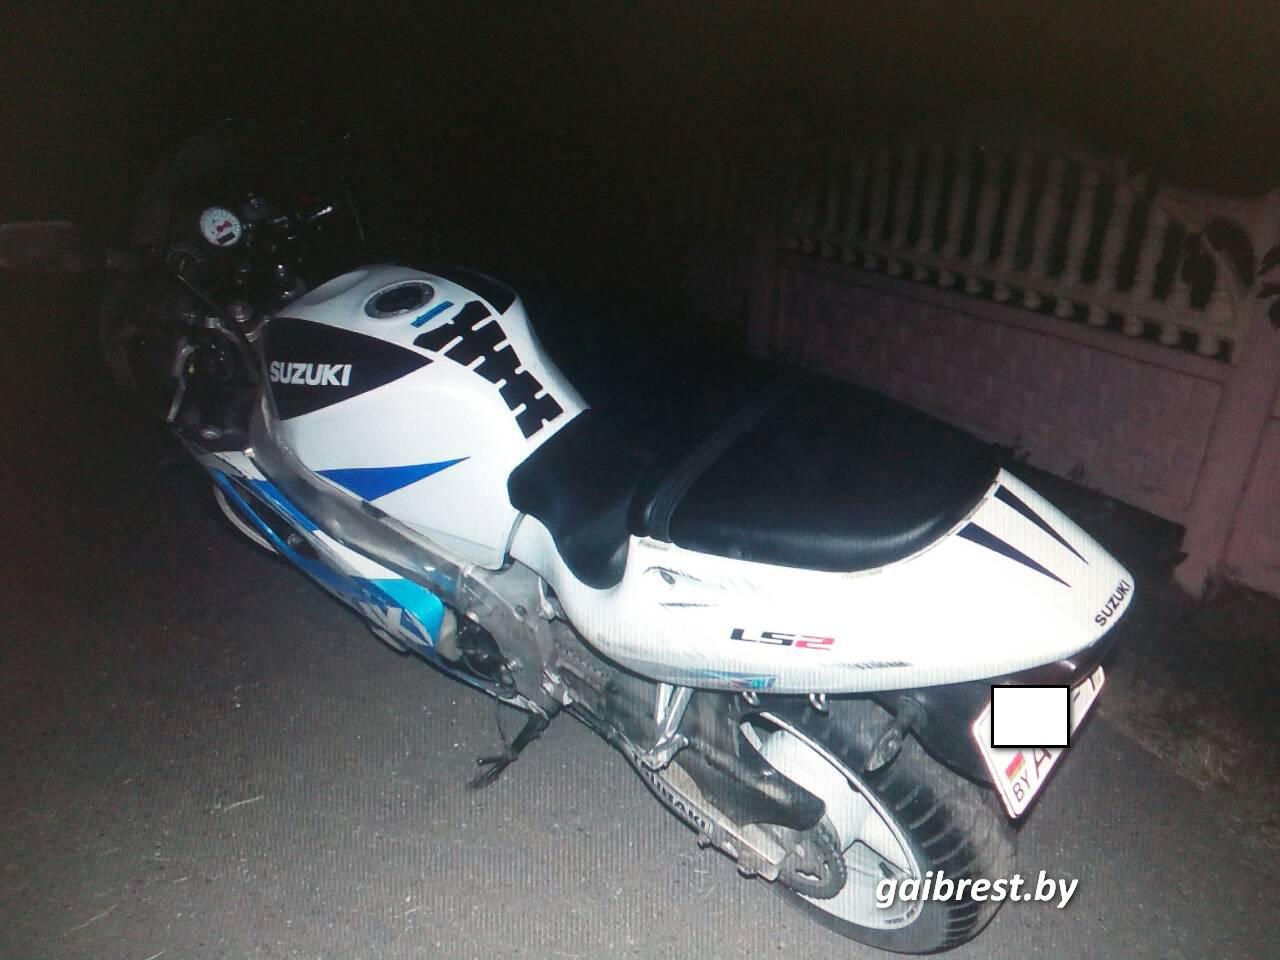 Водитель мотоцикла не справился с управлением, а пострадала пассажир